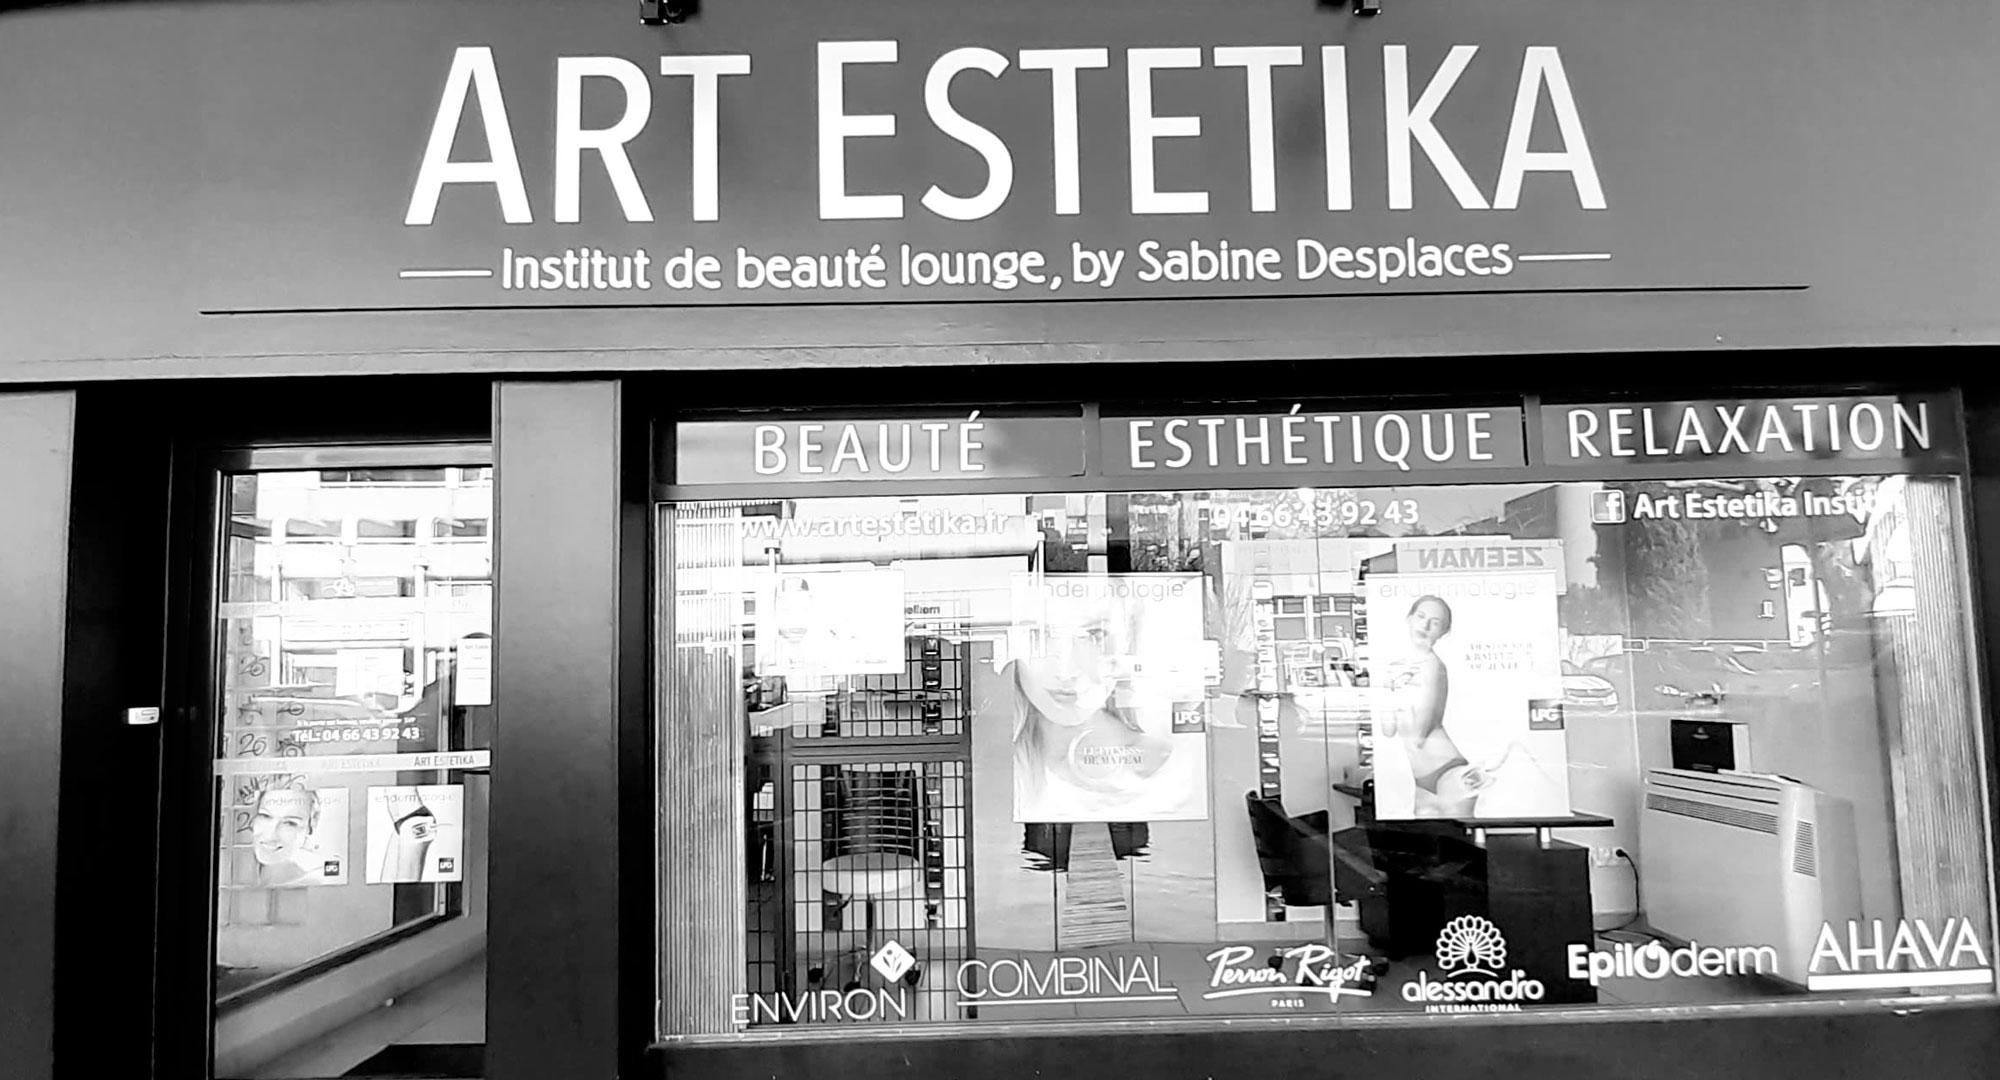 Art Estetika